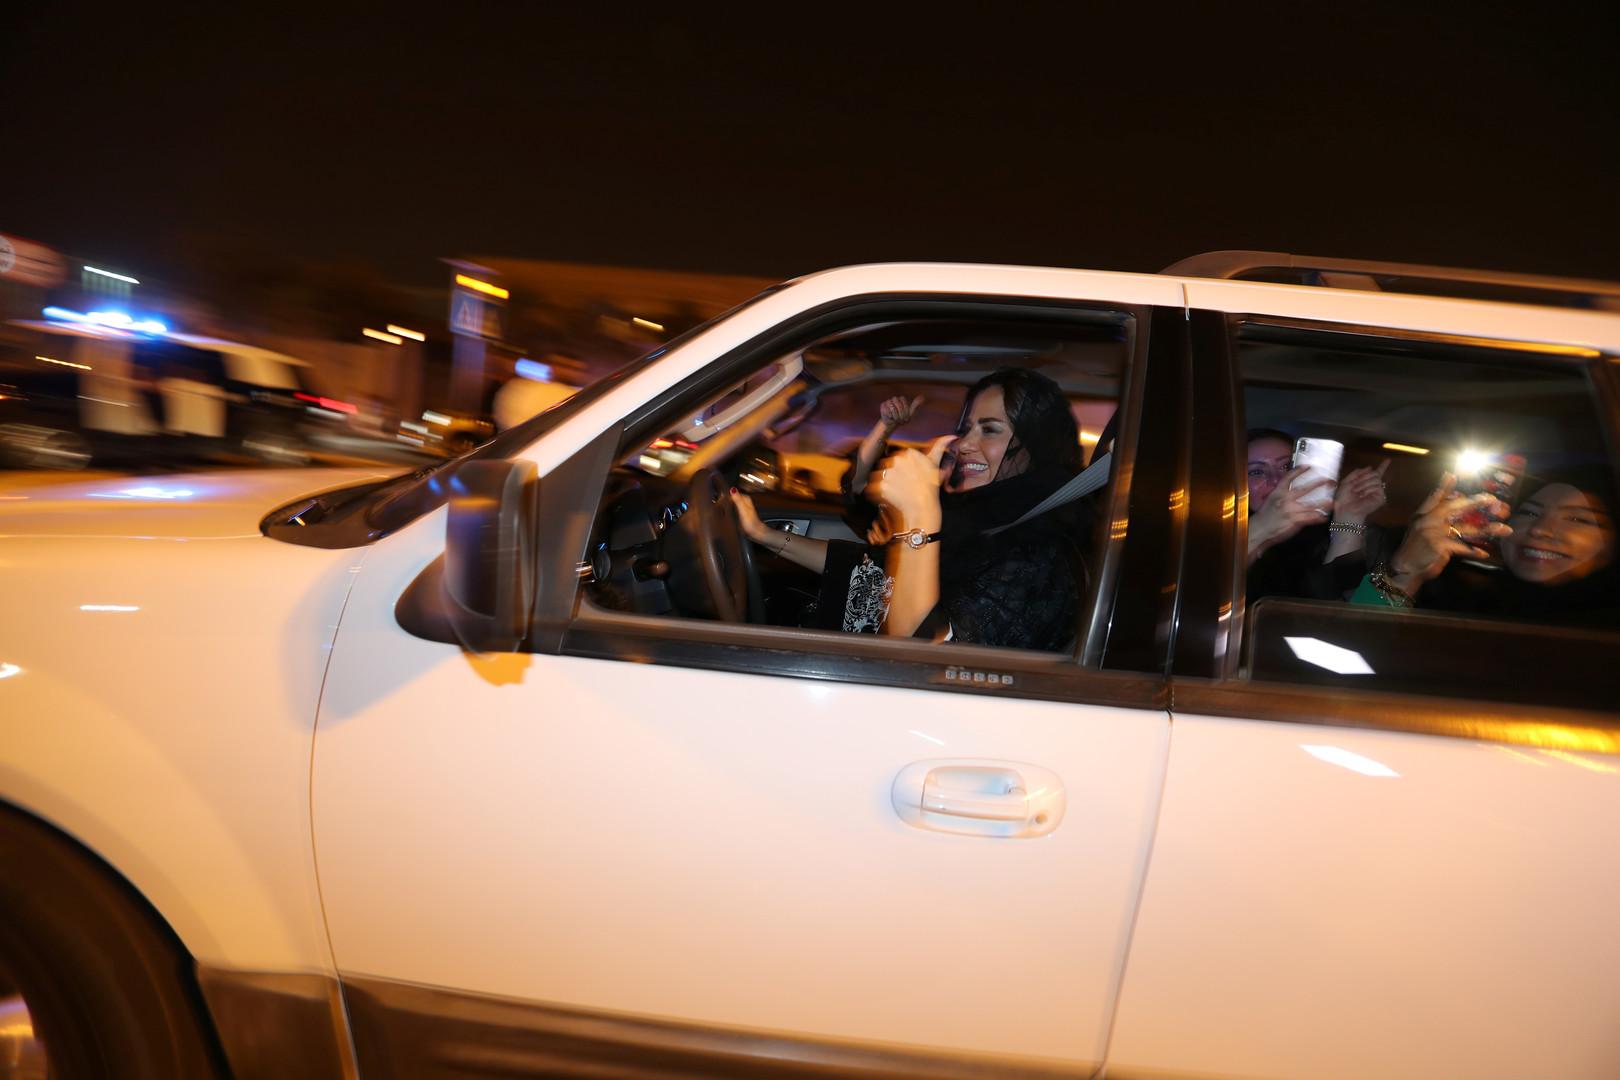 Emues et fières, des Saoudiennes au volant après la levée historique de l'interdiction (IMAGES)